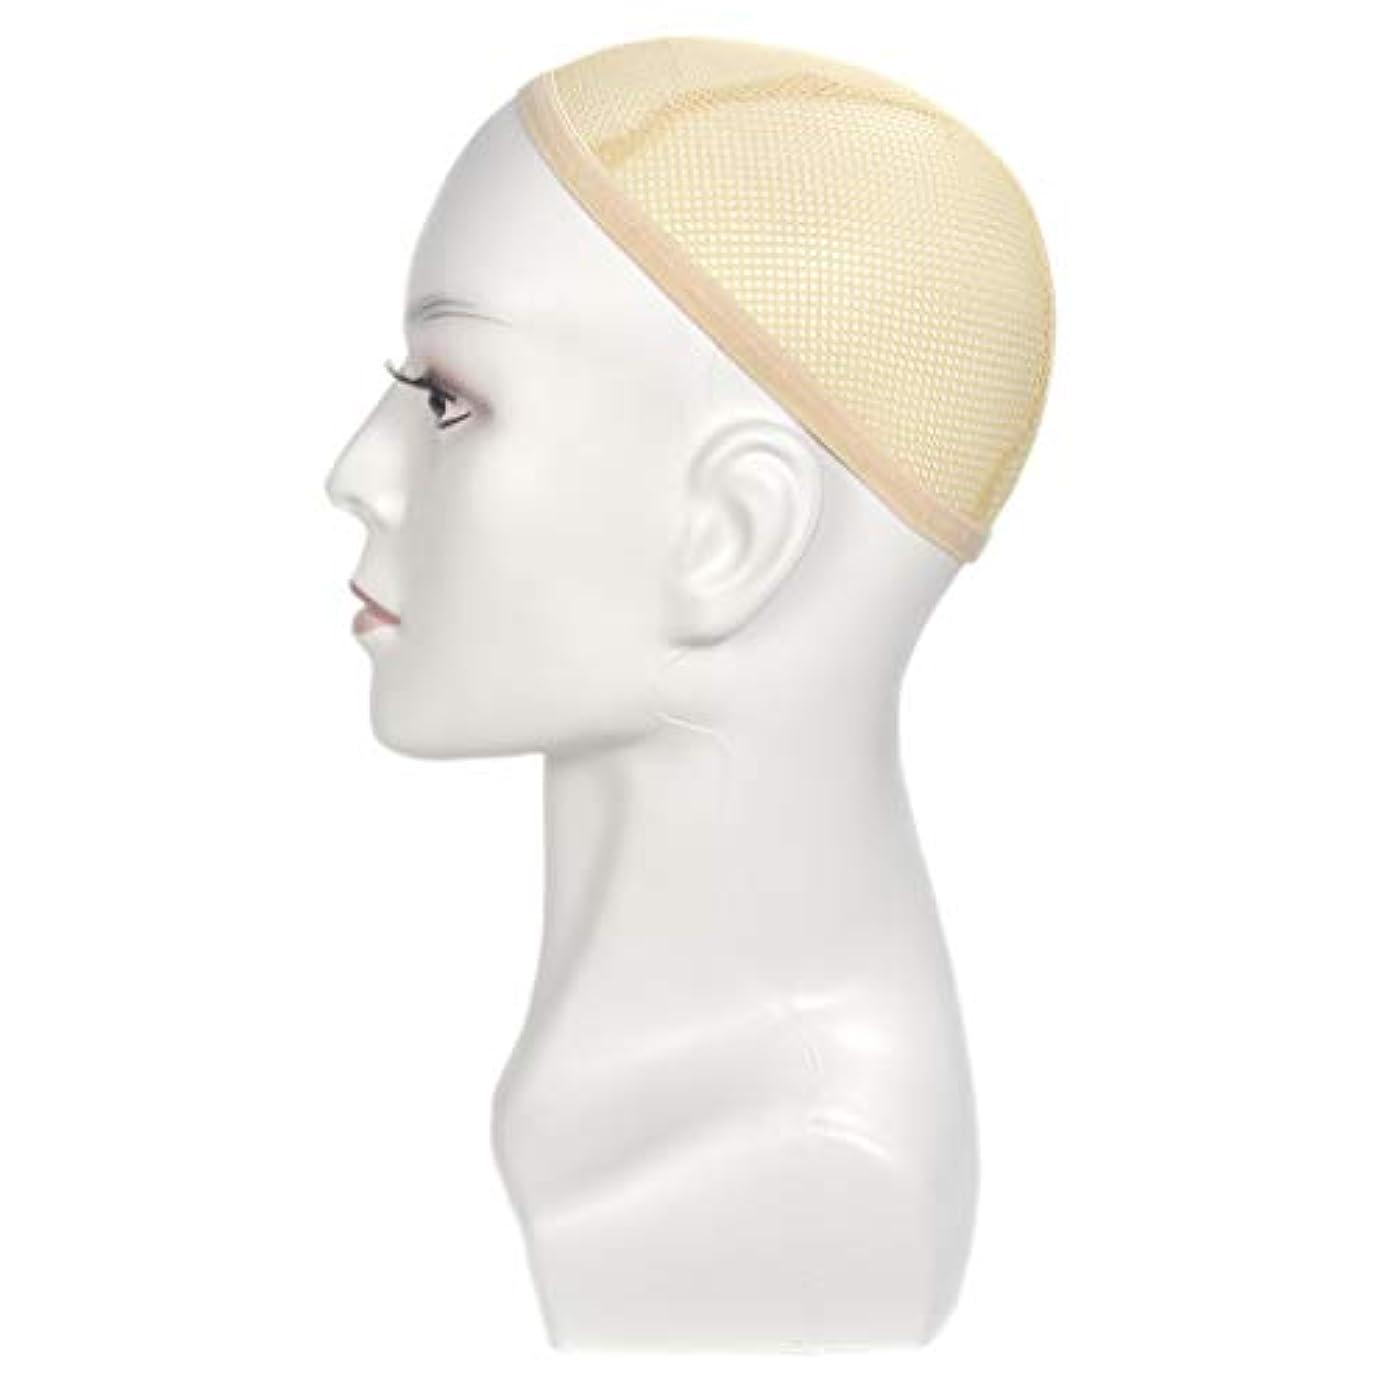 君主制愛情バルブウィッグ用マネキンヘッドディスプレイスタイリング理髪トレーニングヘッド13.8インチ-色の選択 - 白